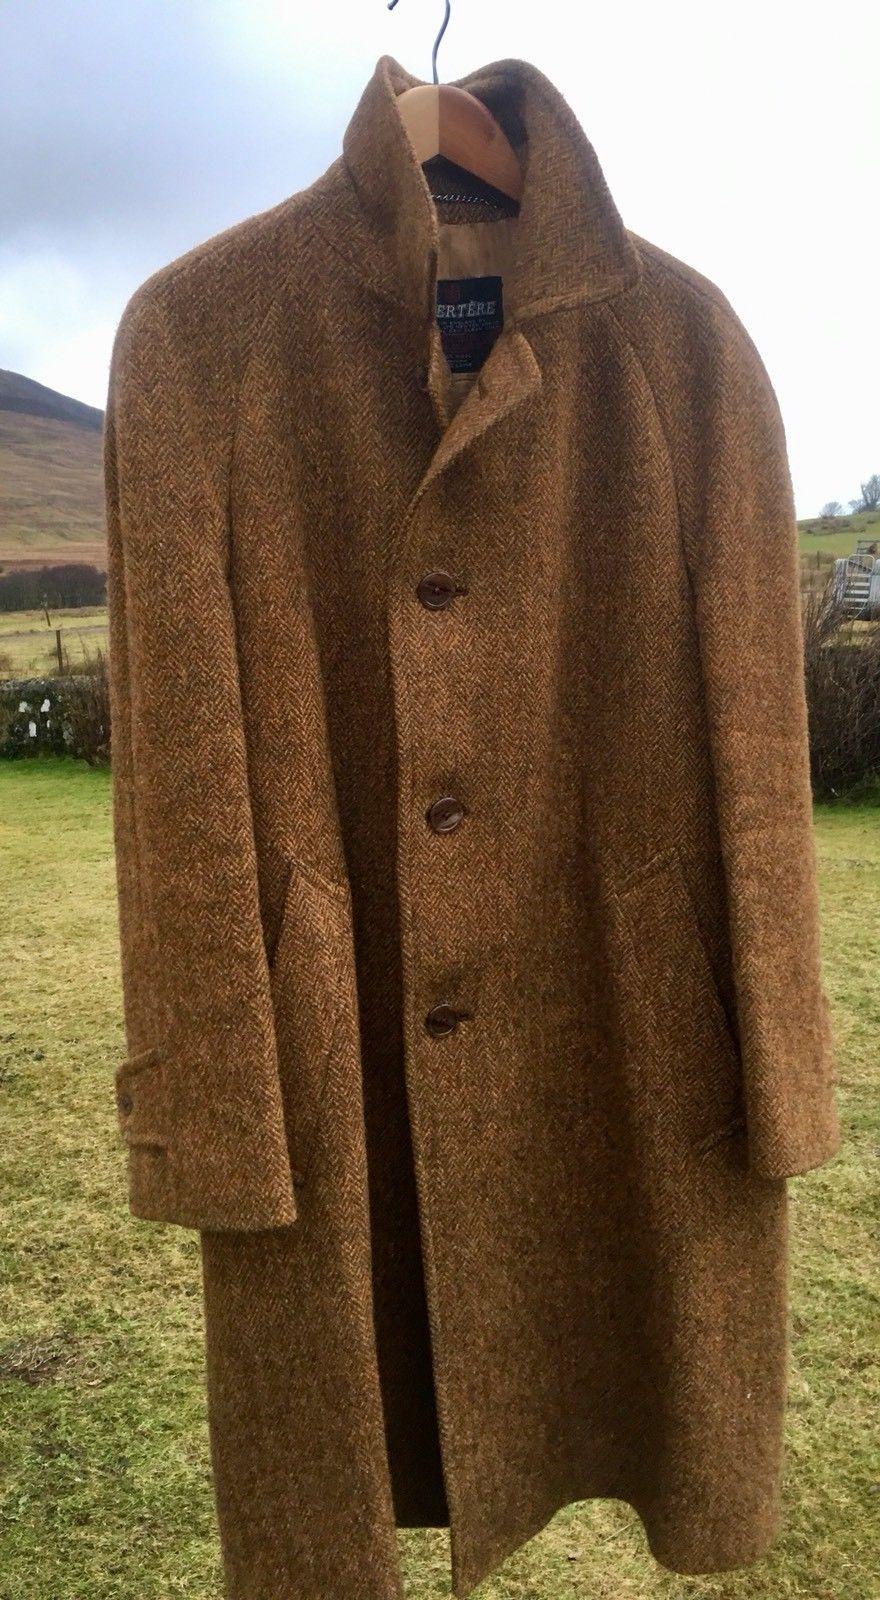 Vintage Harris Tweed Coat Jacket Invertere SUPERB CONDITION  d5fcdaf8ba0